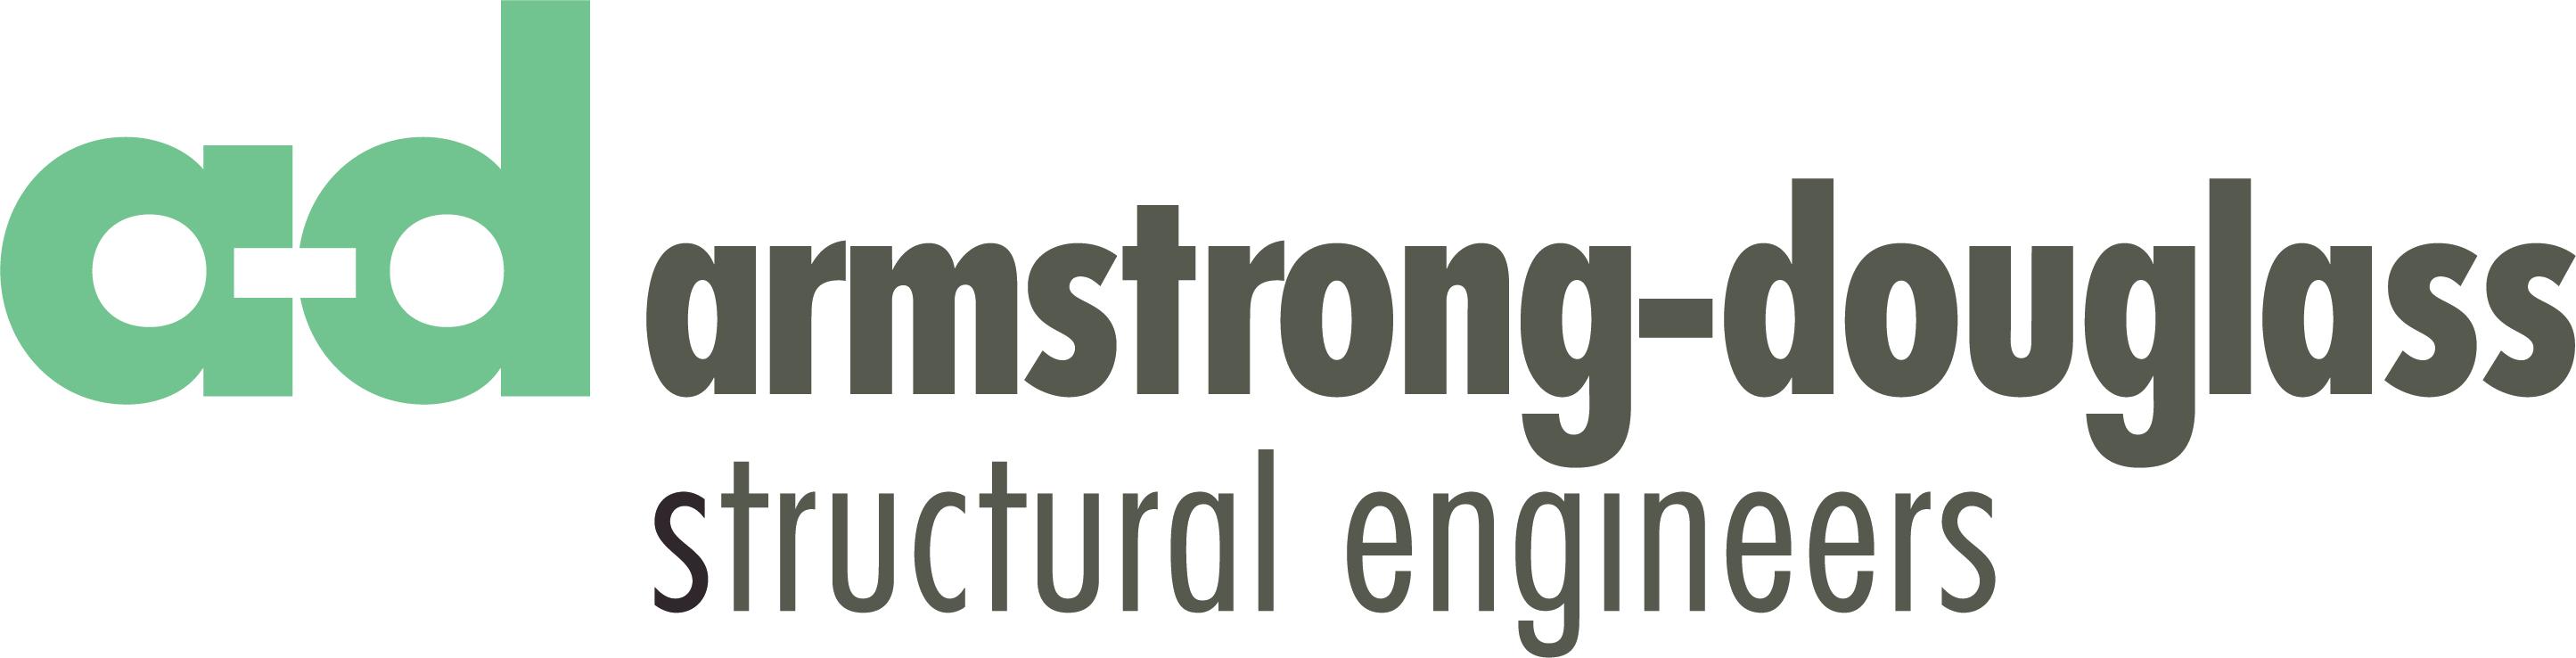 24th Golf - Armstrong logo